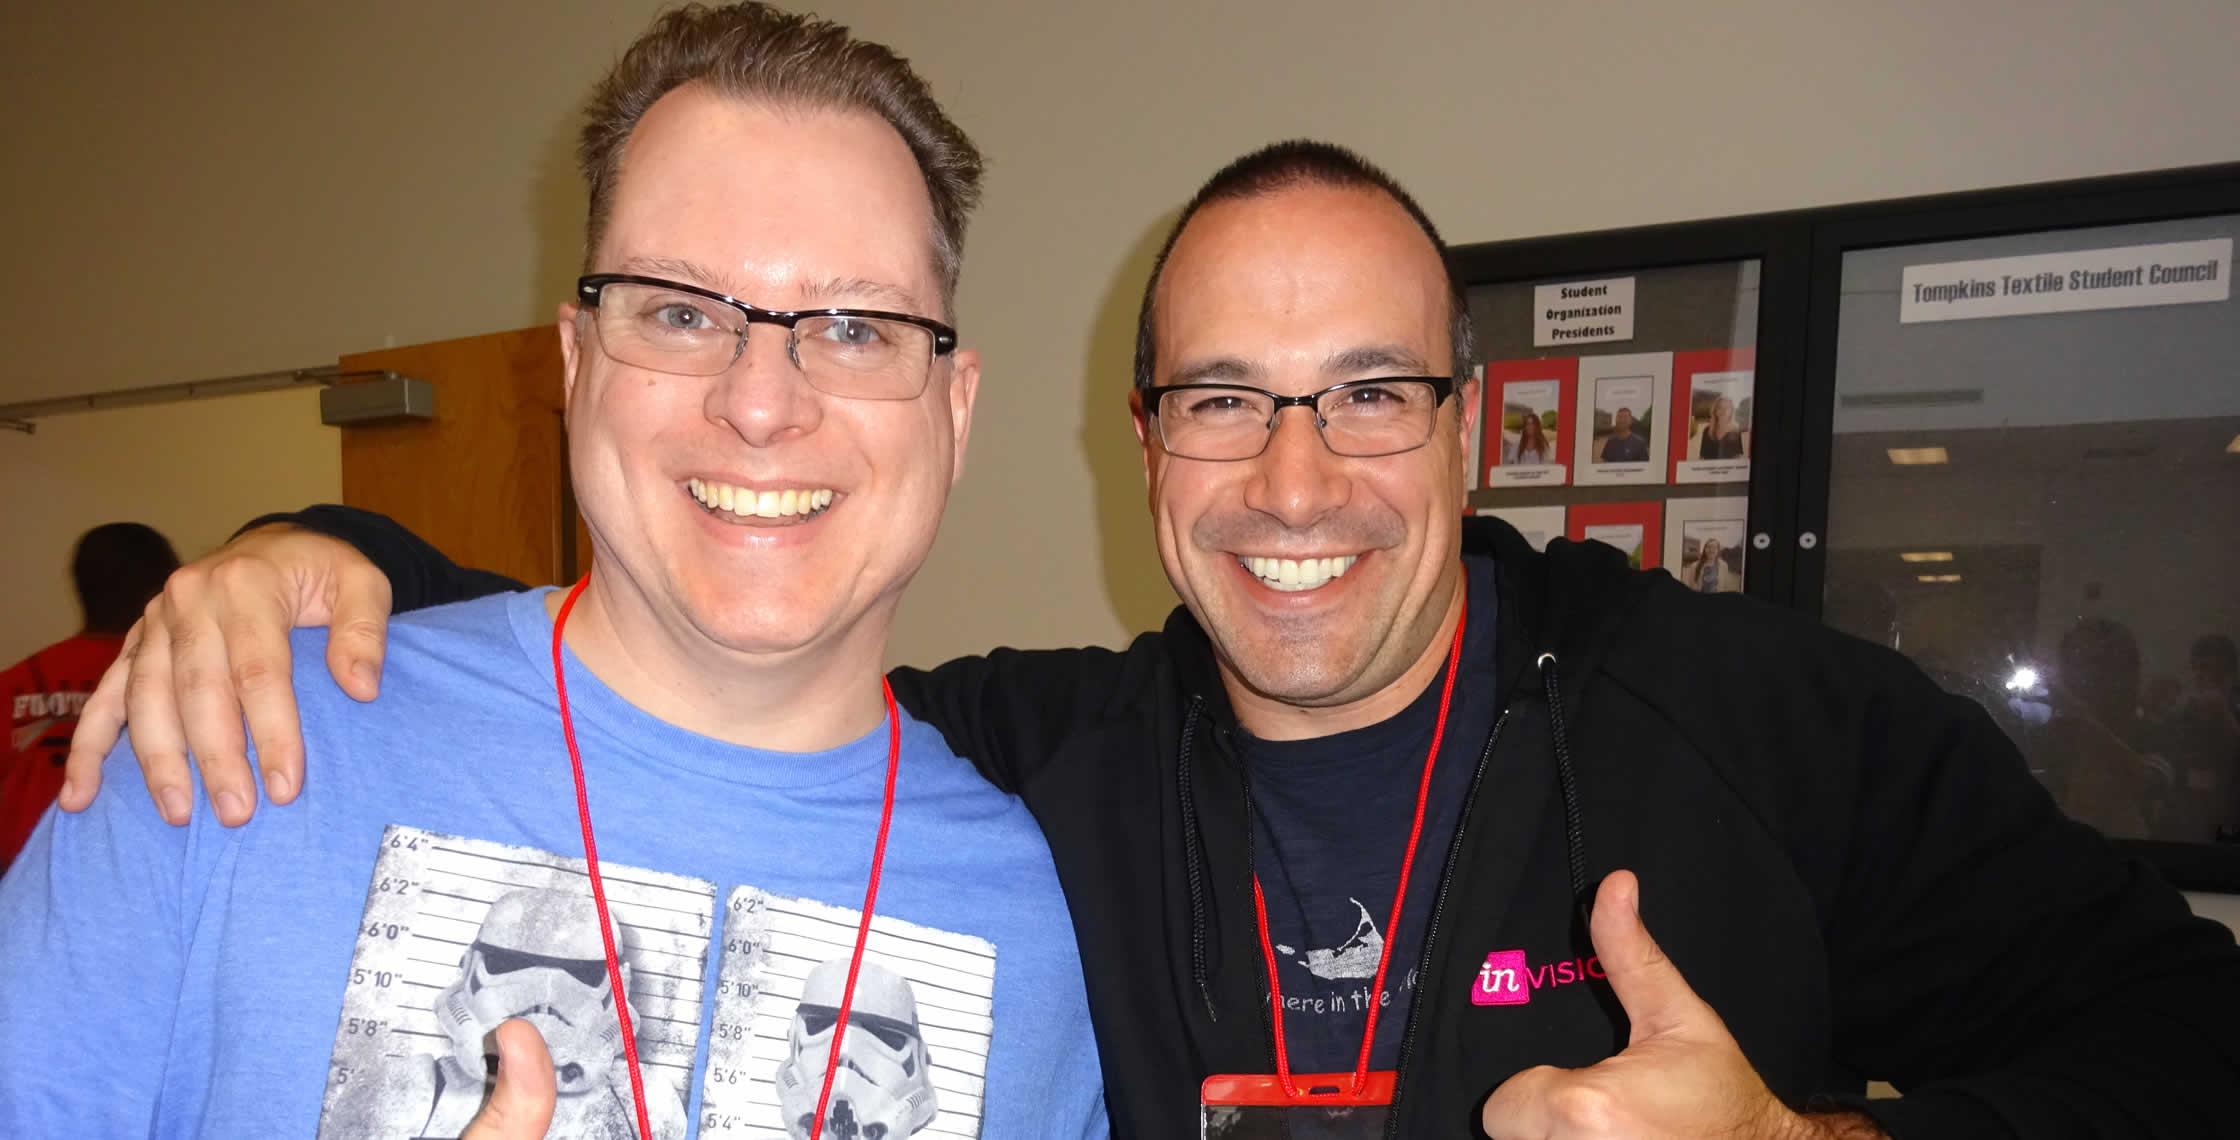 Ben Nadel at NCDevCon 2016 (Raleigh, NC) with: Carl Von Stetten